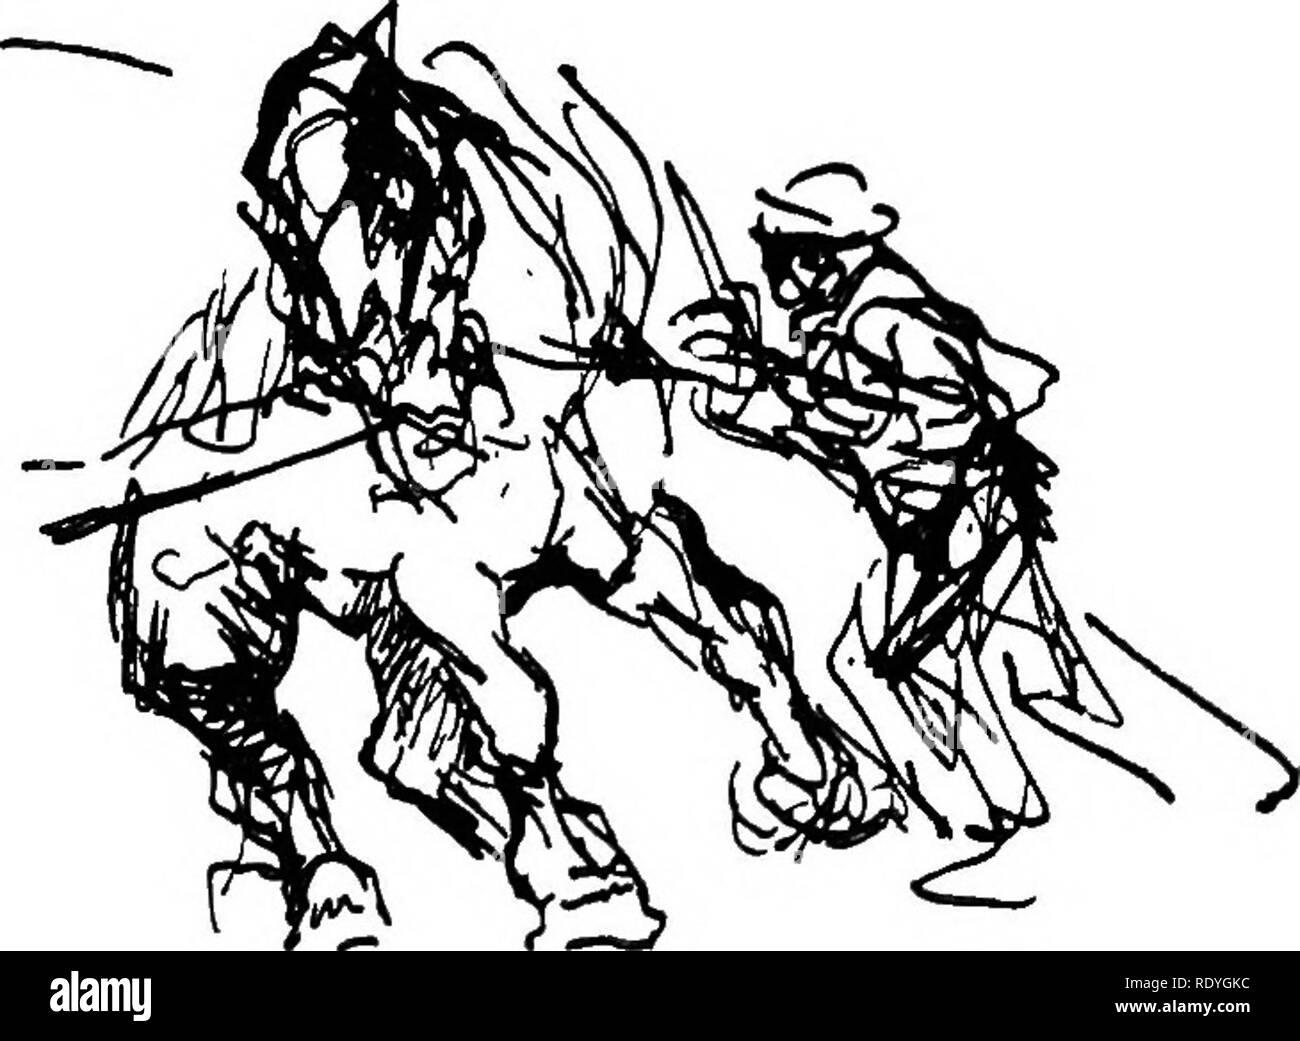 Los Caballos Y El Movimiento Entre Pinturas Y Dibujos Los Caballos